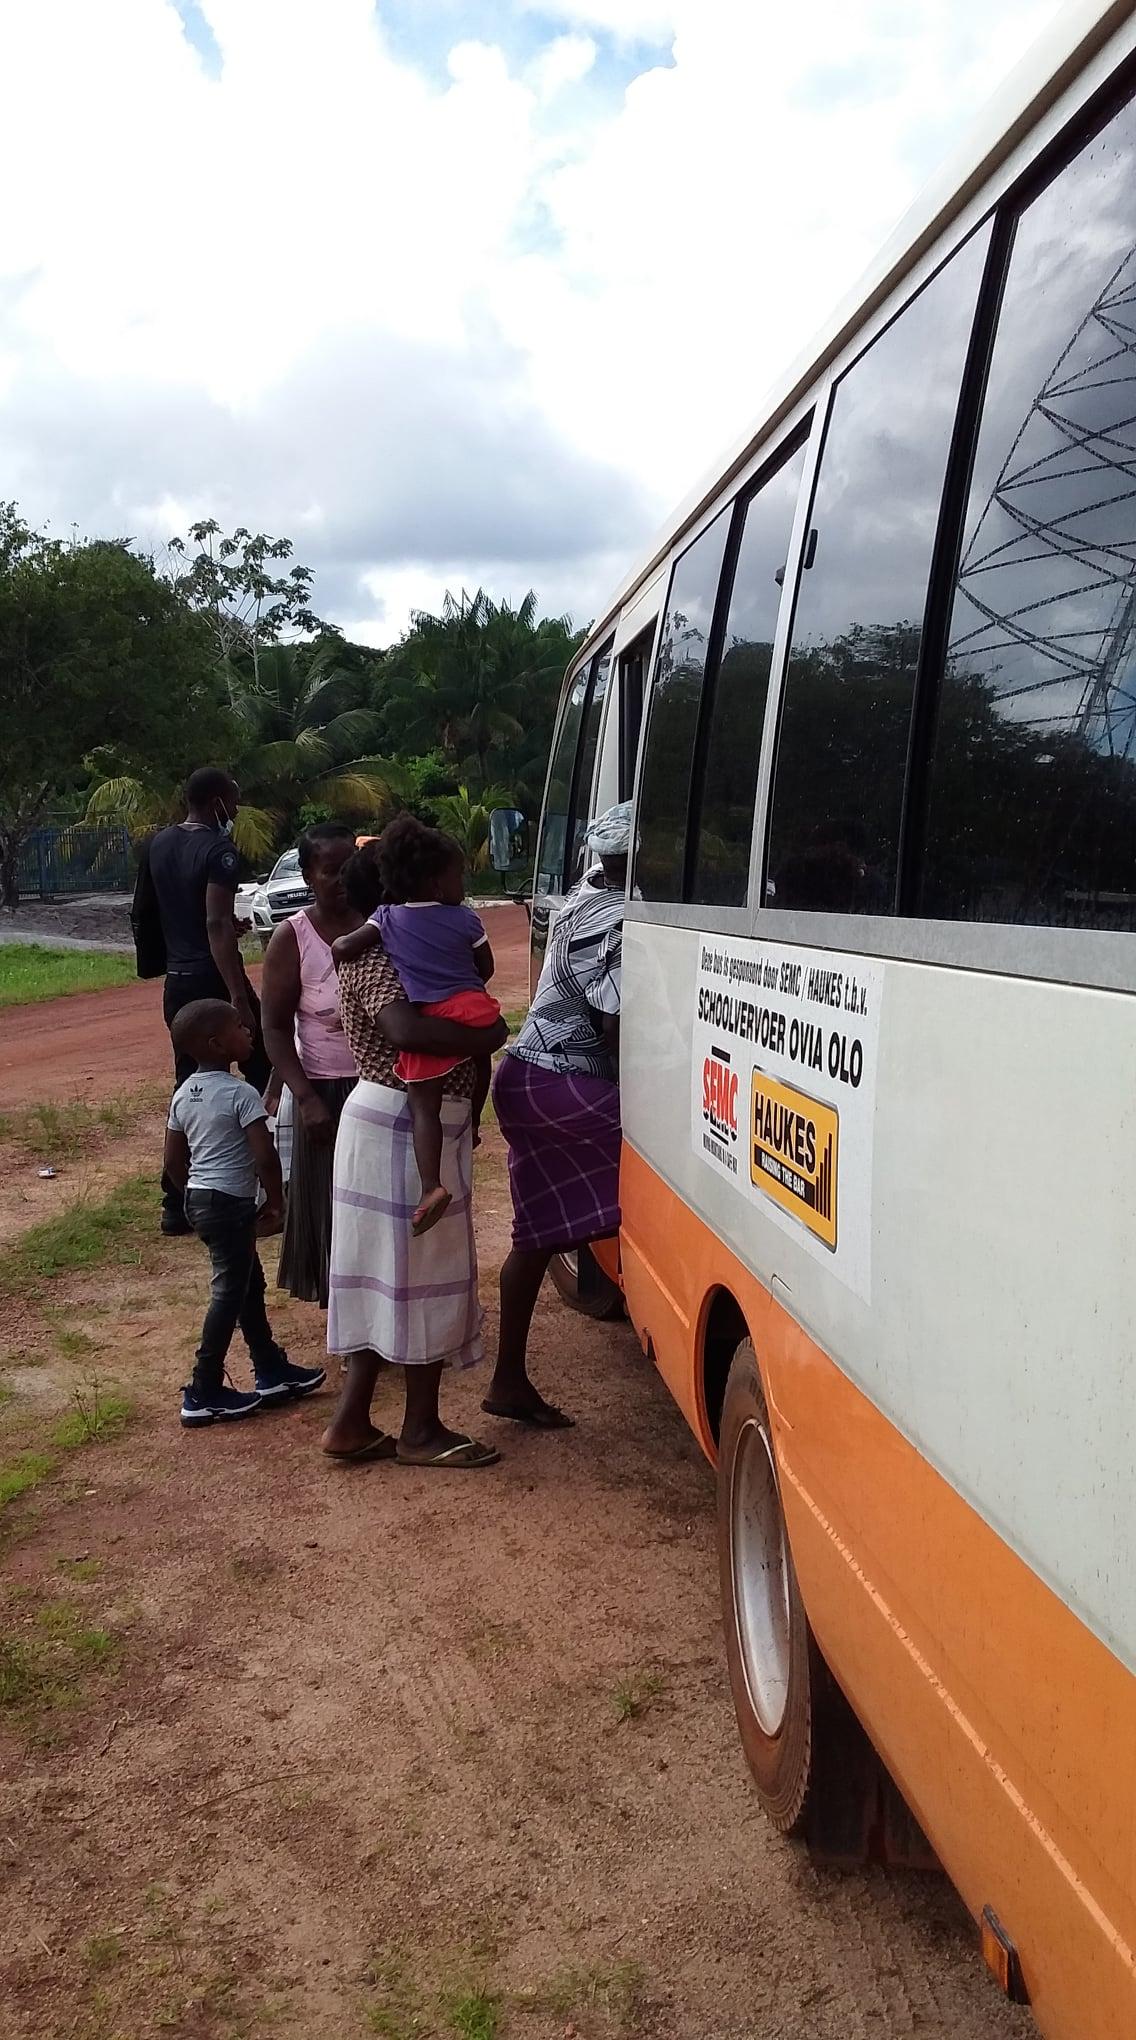 Haukes-NV-in-samenwerking-met-SEMC-NV--donatie-van-een-bus-t-b-v-schoolvervoer-Ovia-Olo-dorp-in-het-ressort-Patamacca-in-district-Marowijne-(3)